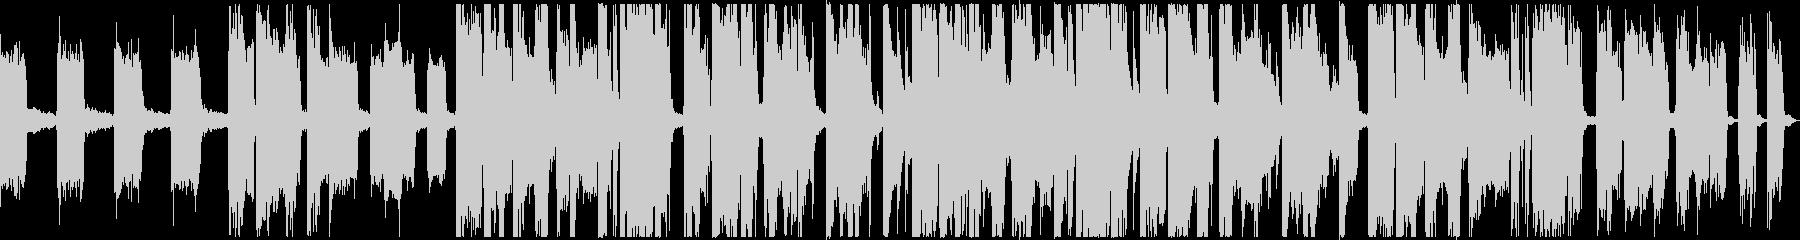 エレクトリックなジングル向け30秒の曲の未再生の波形